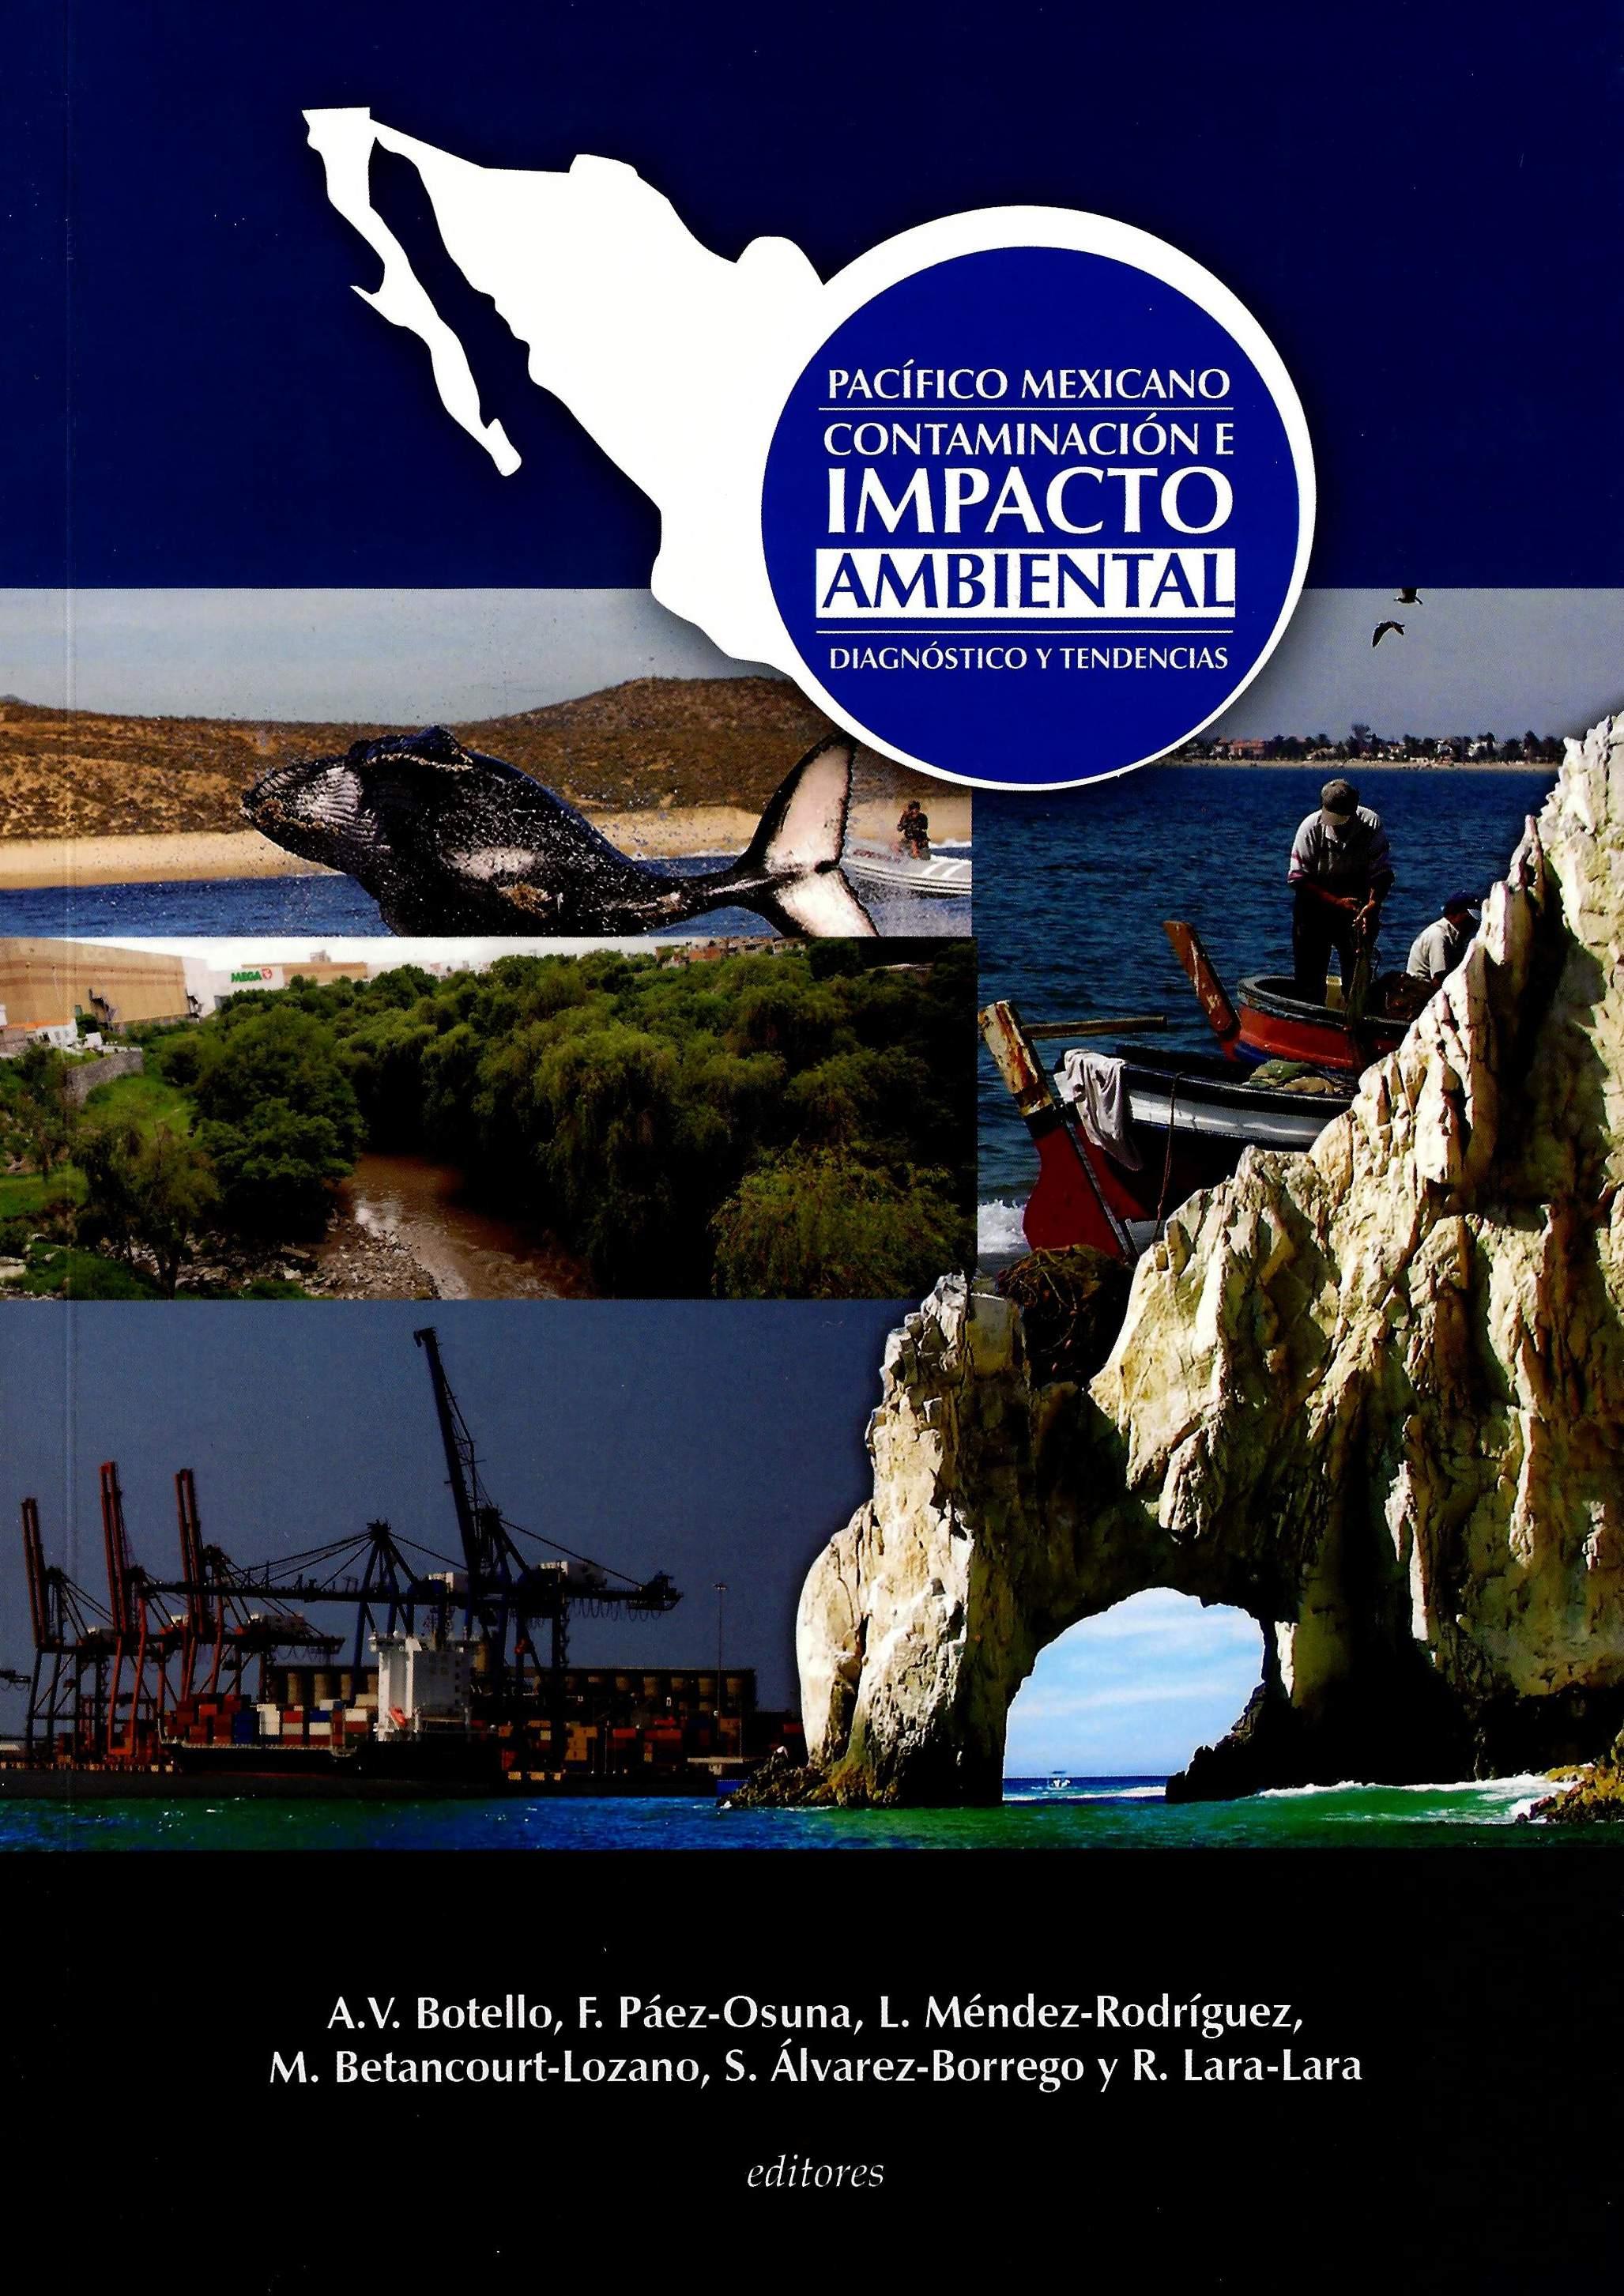 Pacífico mexicano. Contaminación e impacto ambiental: diagnóstico y tendencias (tomo II)